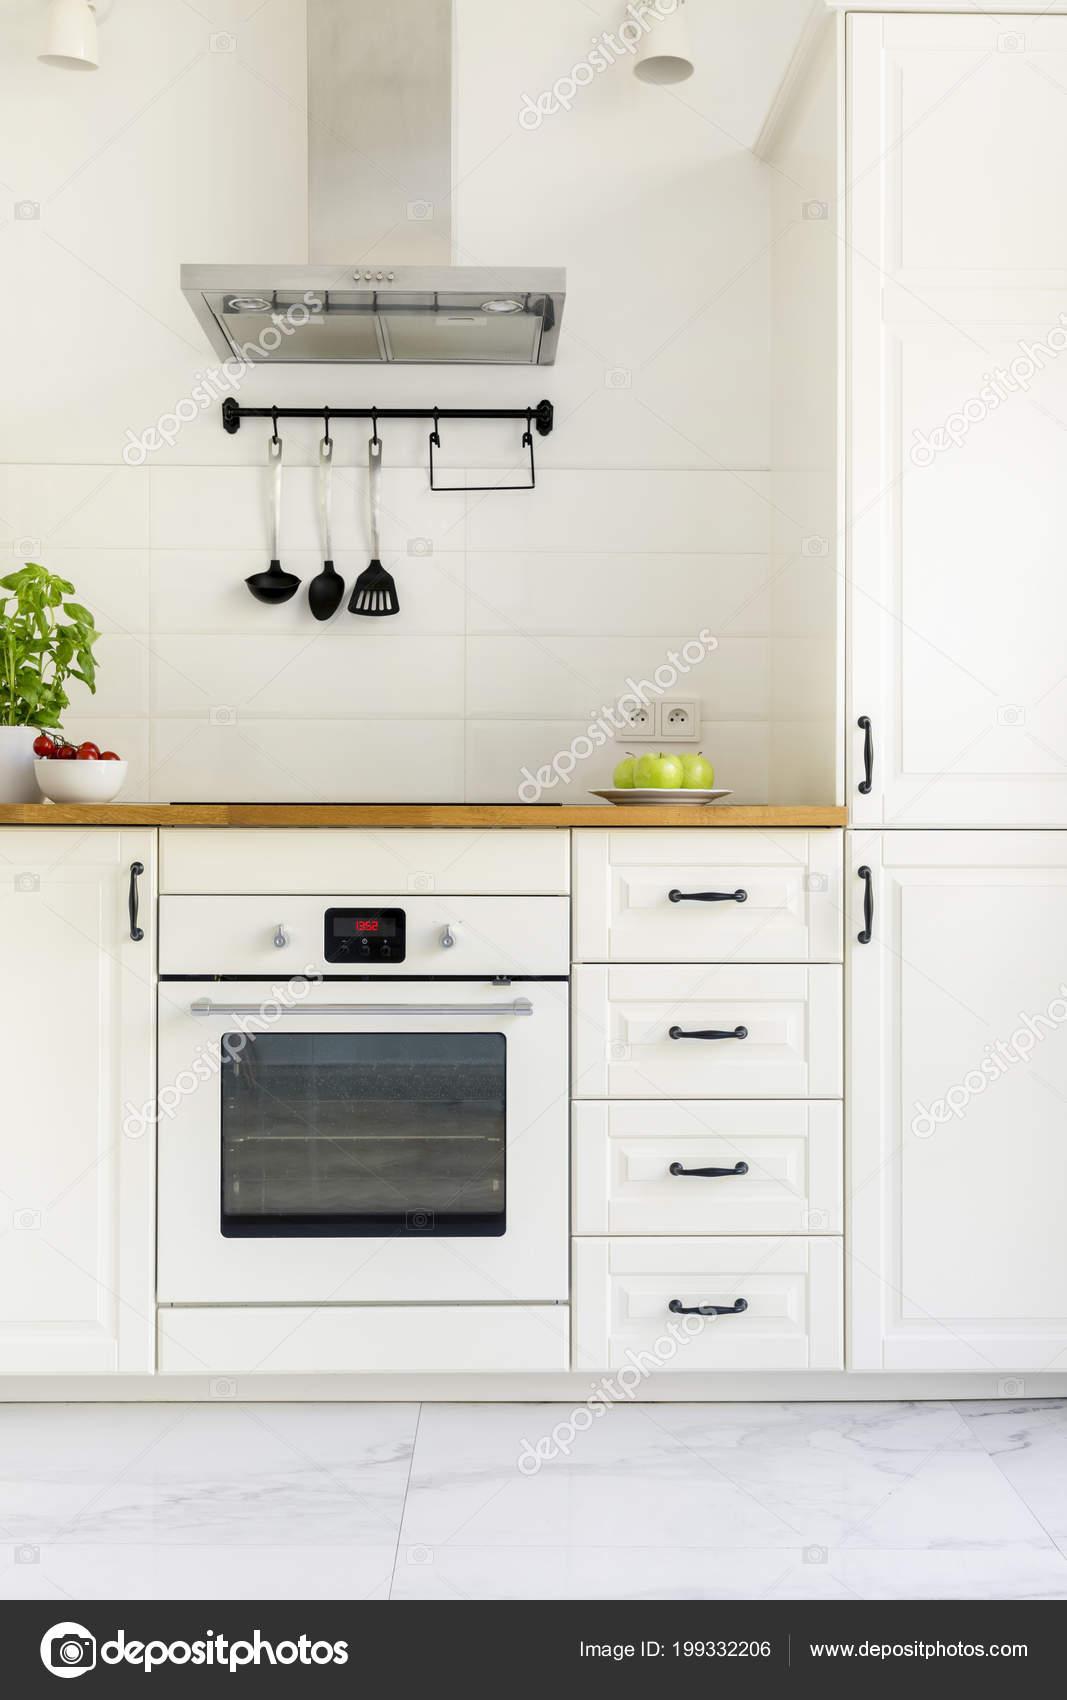 Weisser Schrank Minimale Kuche Interieur Mit Holz Arbeitsplatte